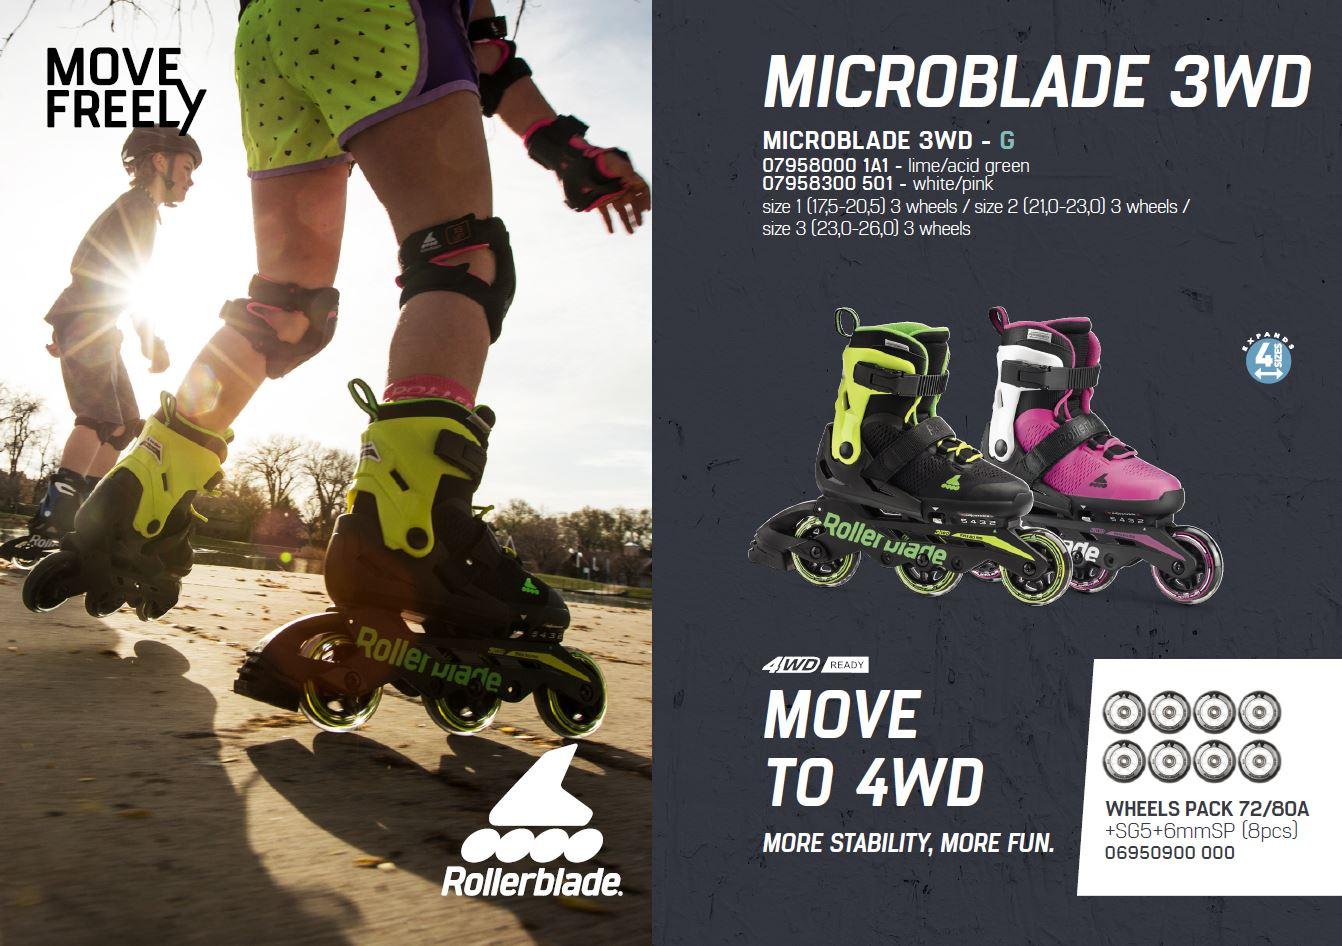 اسکیت رولربلید مدل Microblade 3WD G